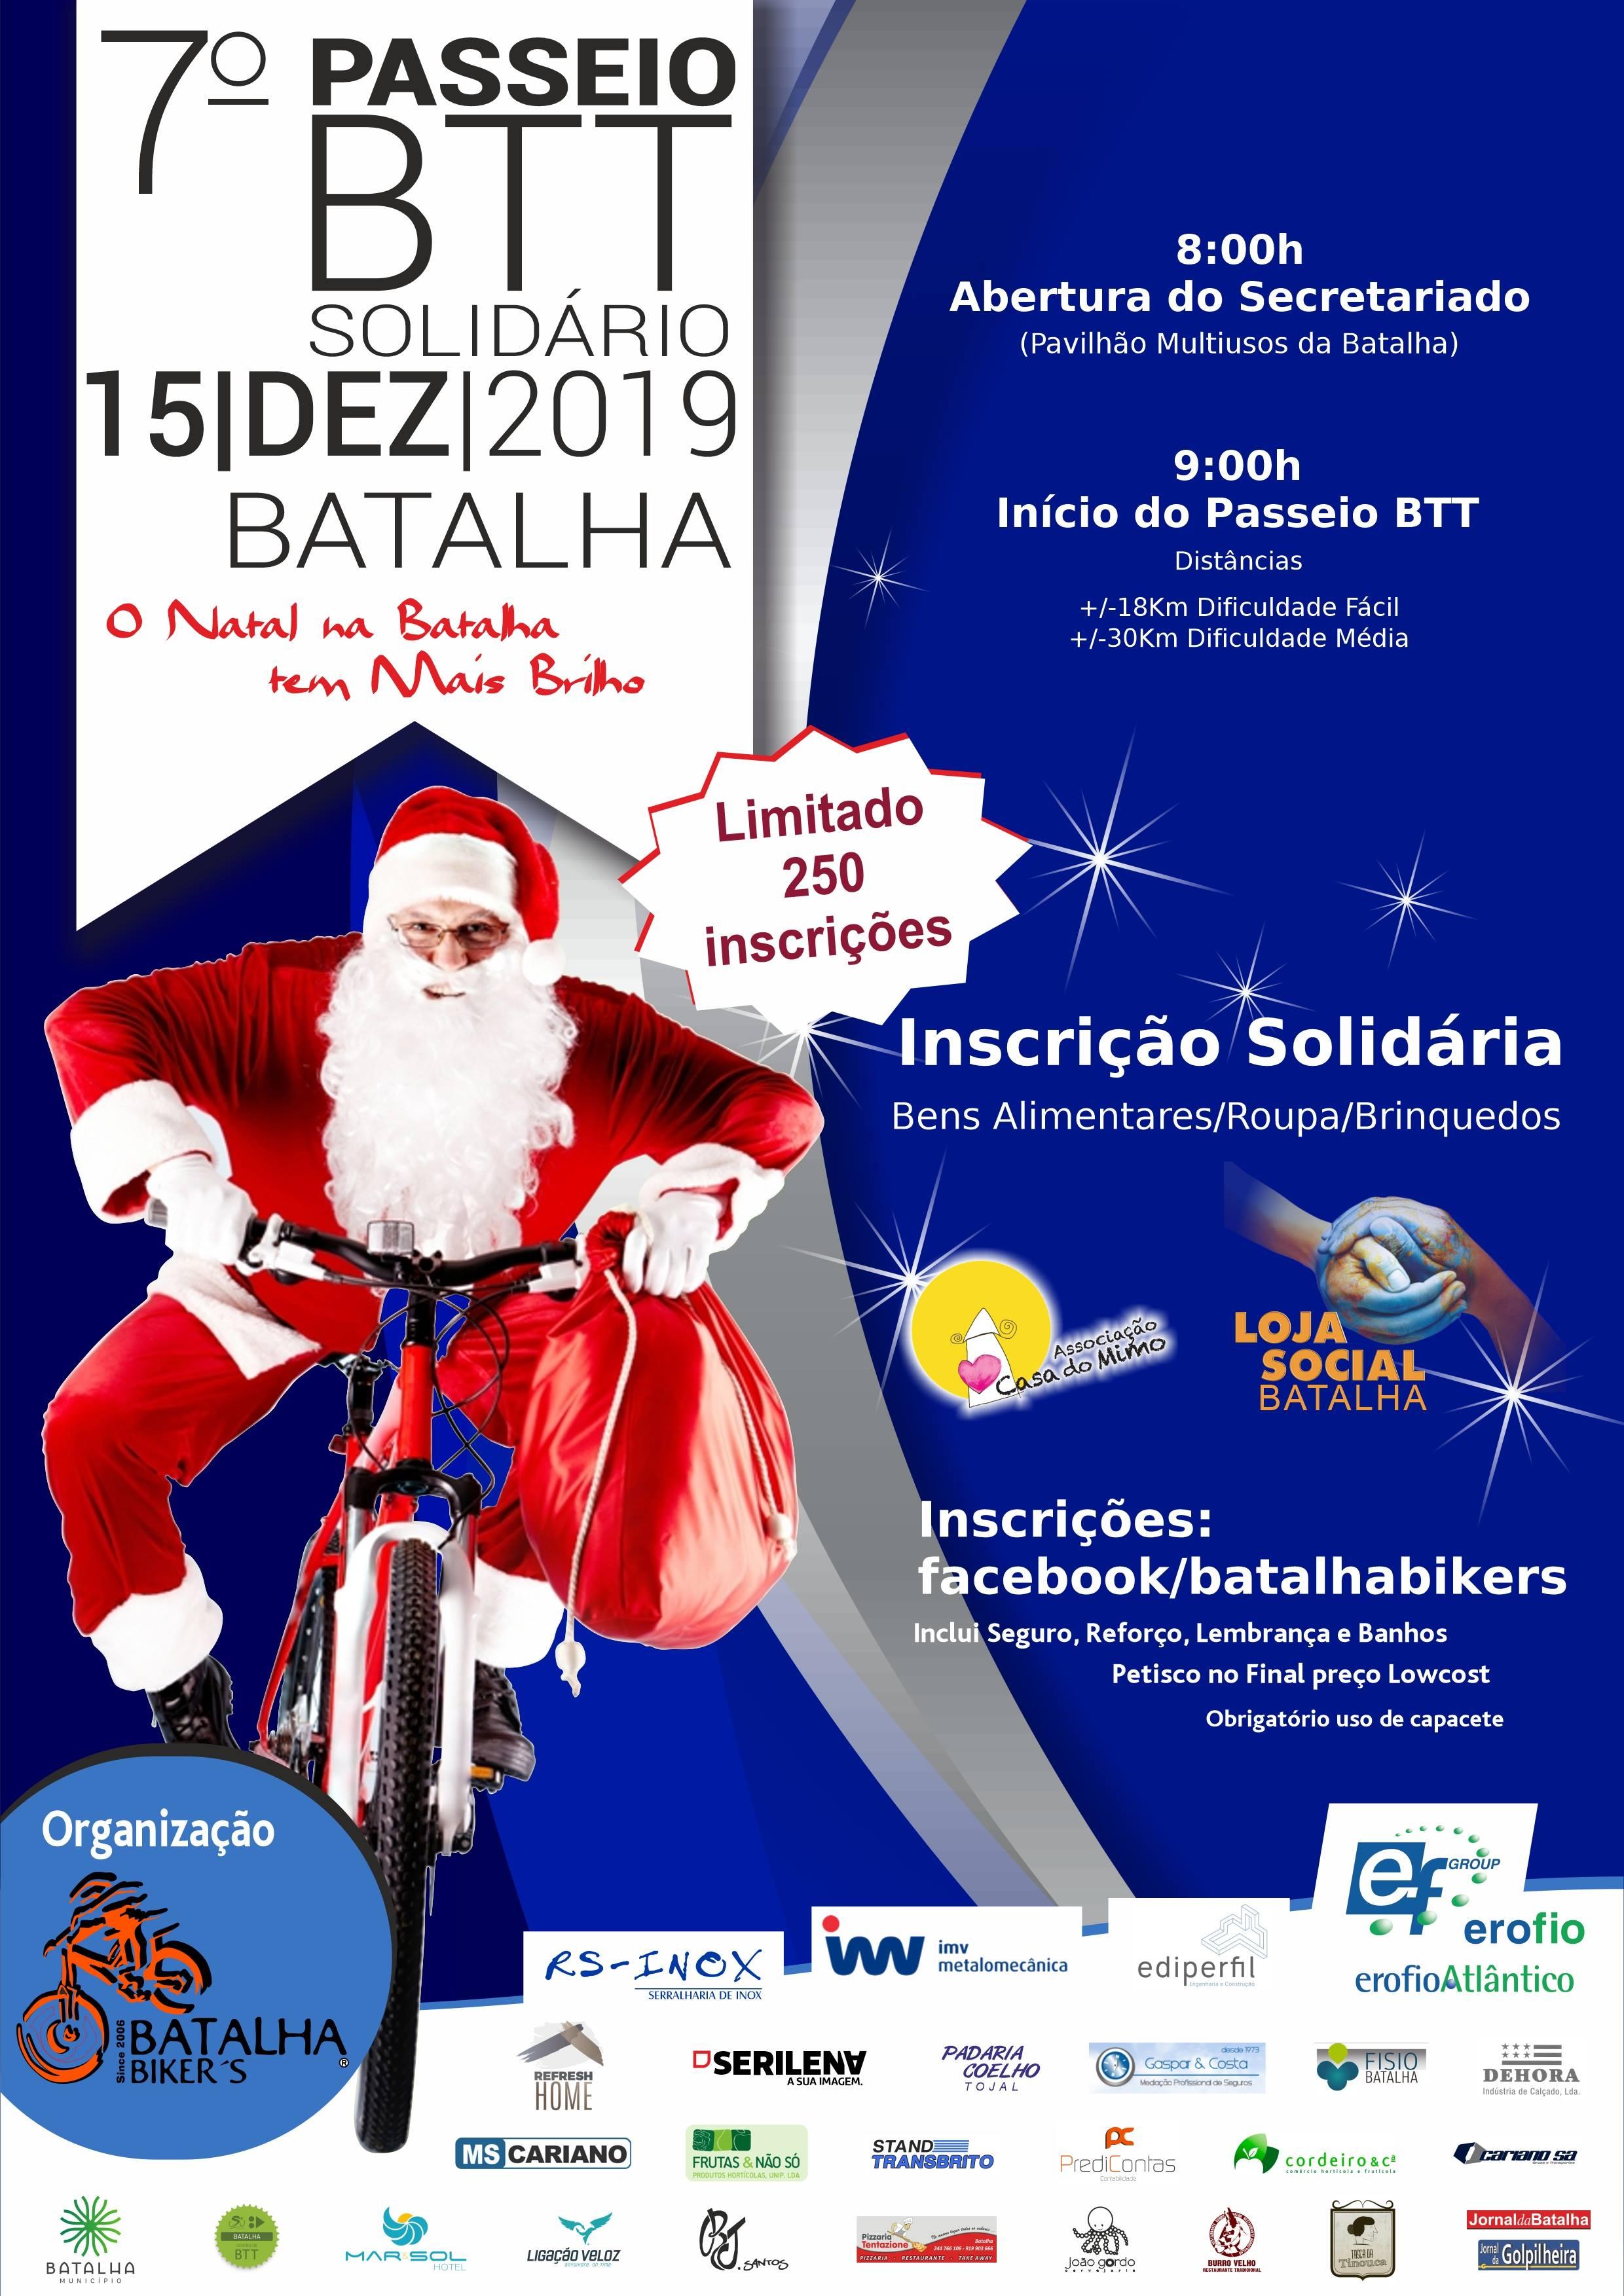 7º Passeio Btt Solidário